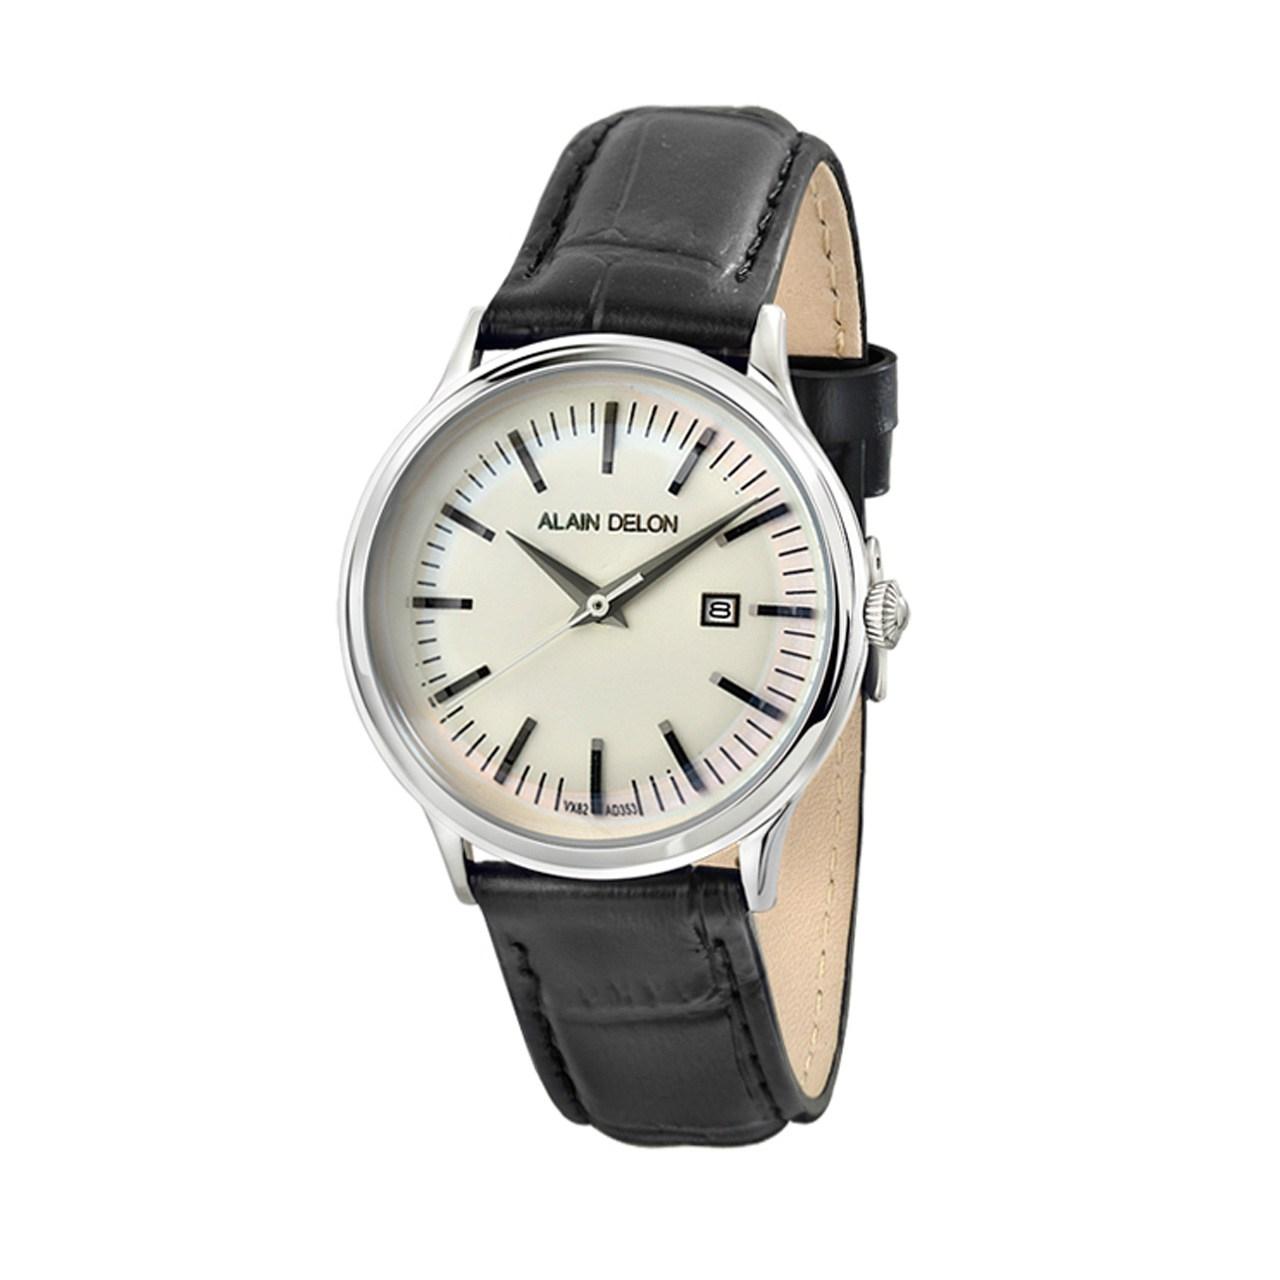 ساعت مچی عقربه ای زنانه آلن دلون مدل AD353-2312